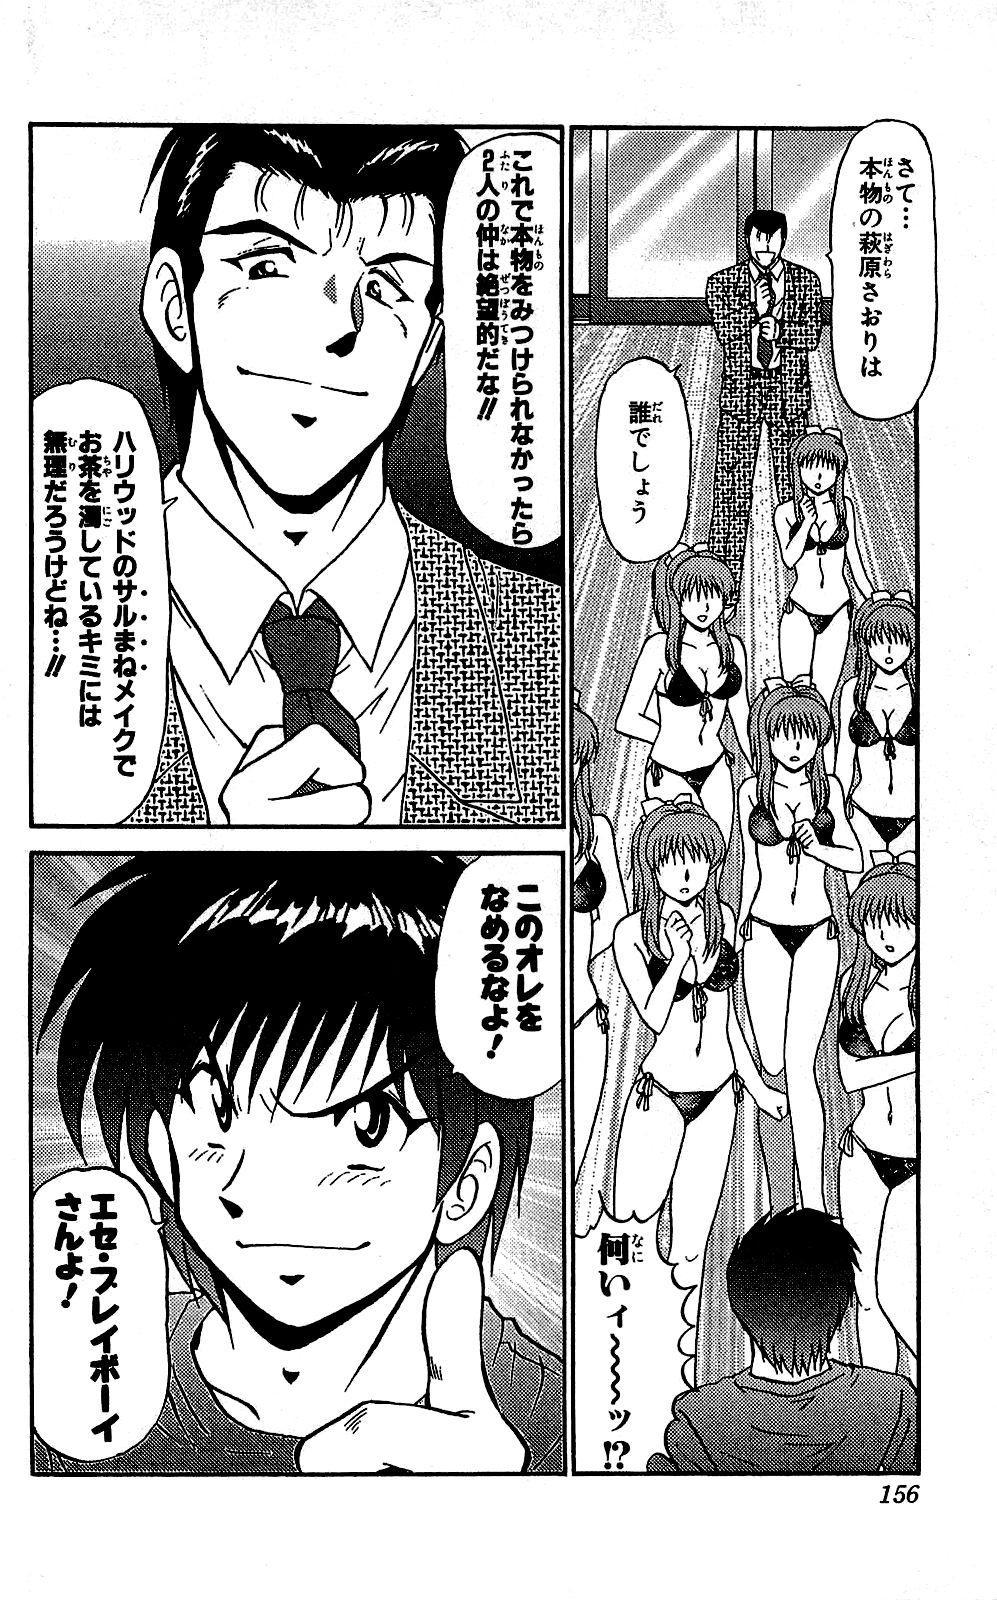 Miracle Make Yuuji 156